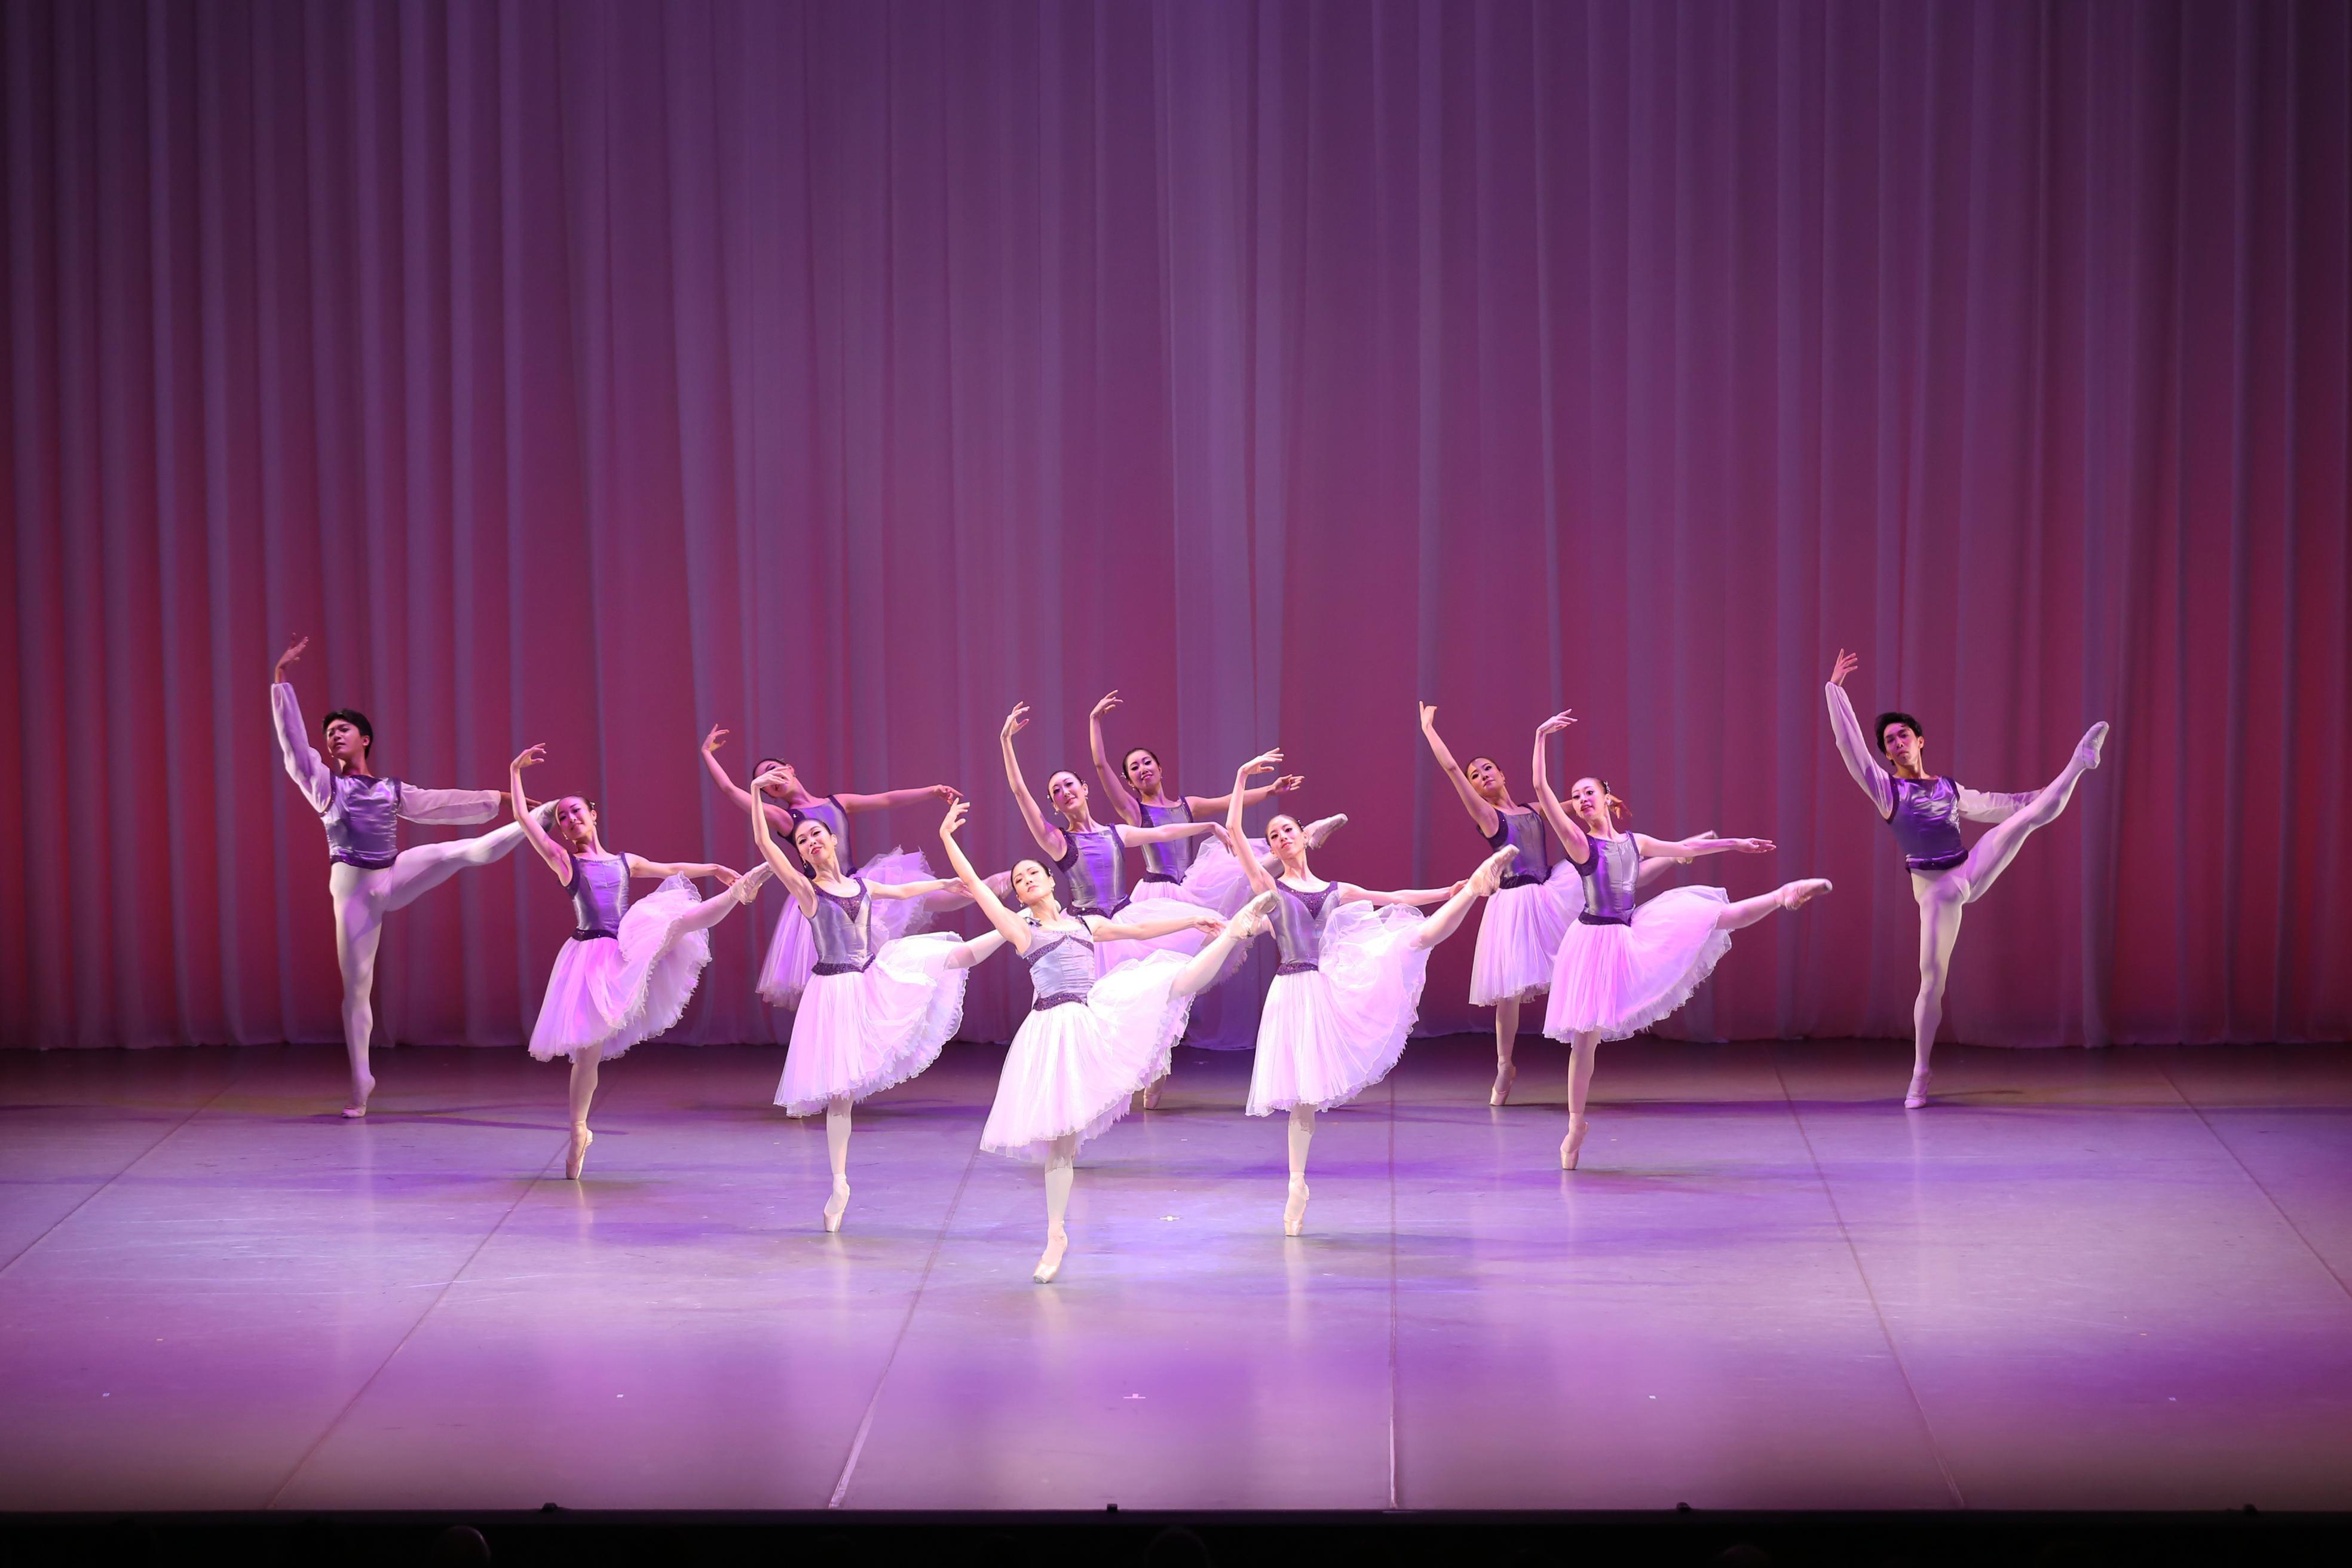 記事「NEW!【オーディション情報】大和シティーバレエ新規団員募集」の画像